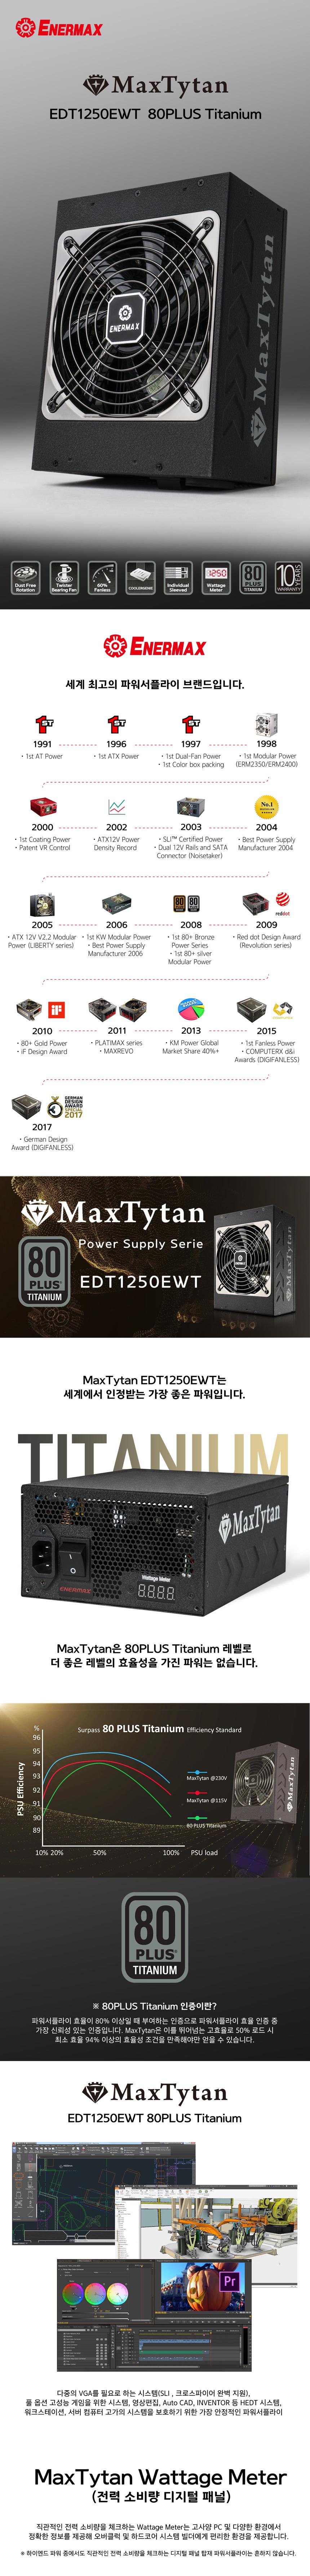 MaxTytan_1250_01.jpg